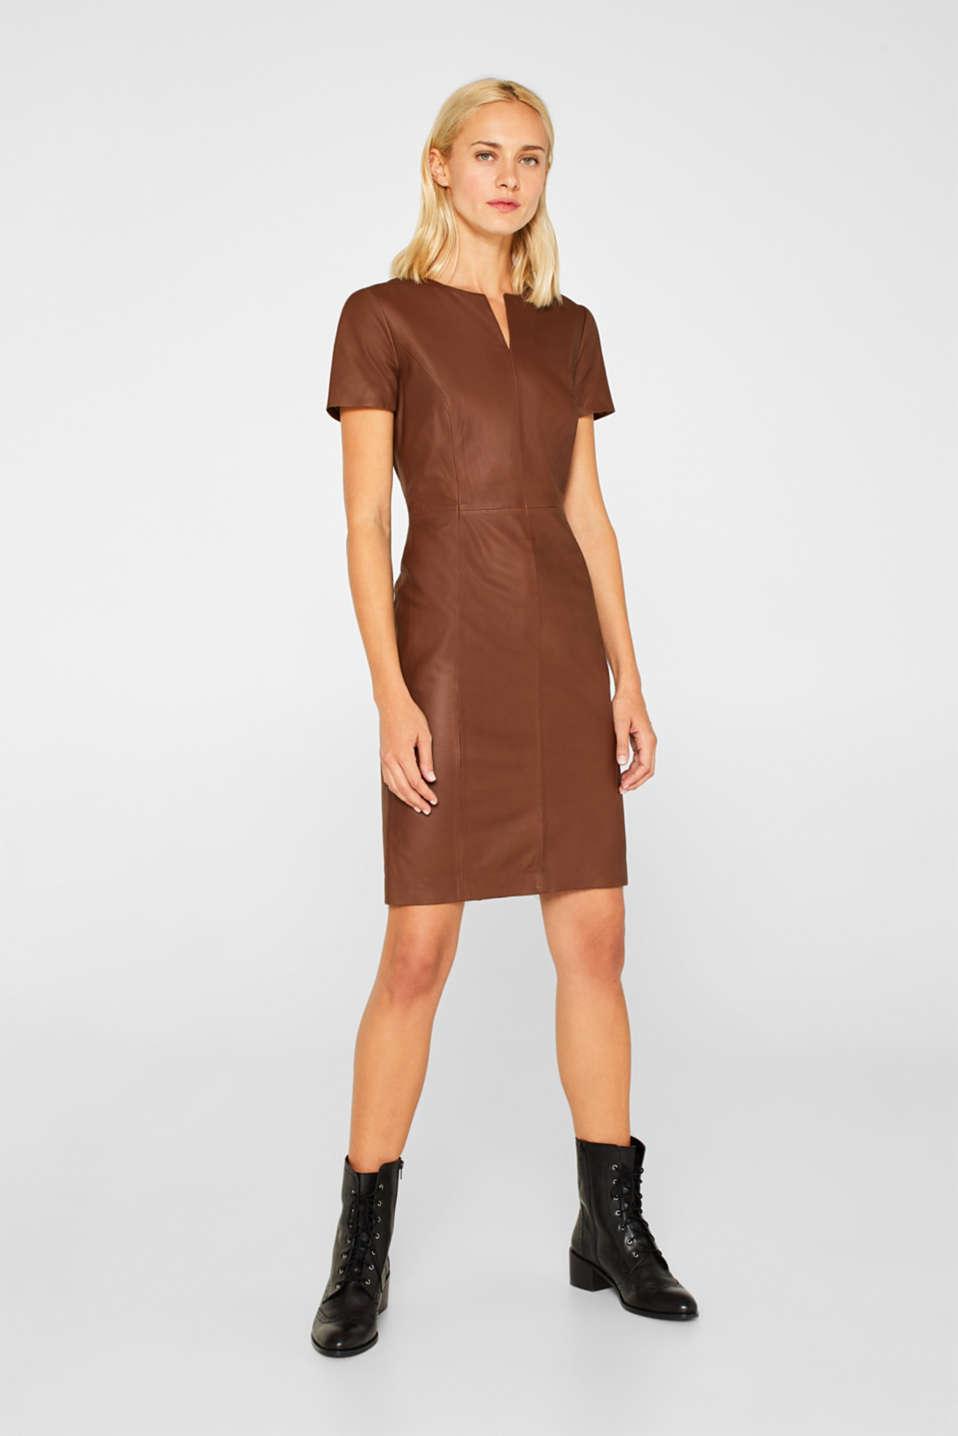 Dresses leather, CARAMEL, detail image number 1